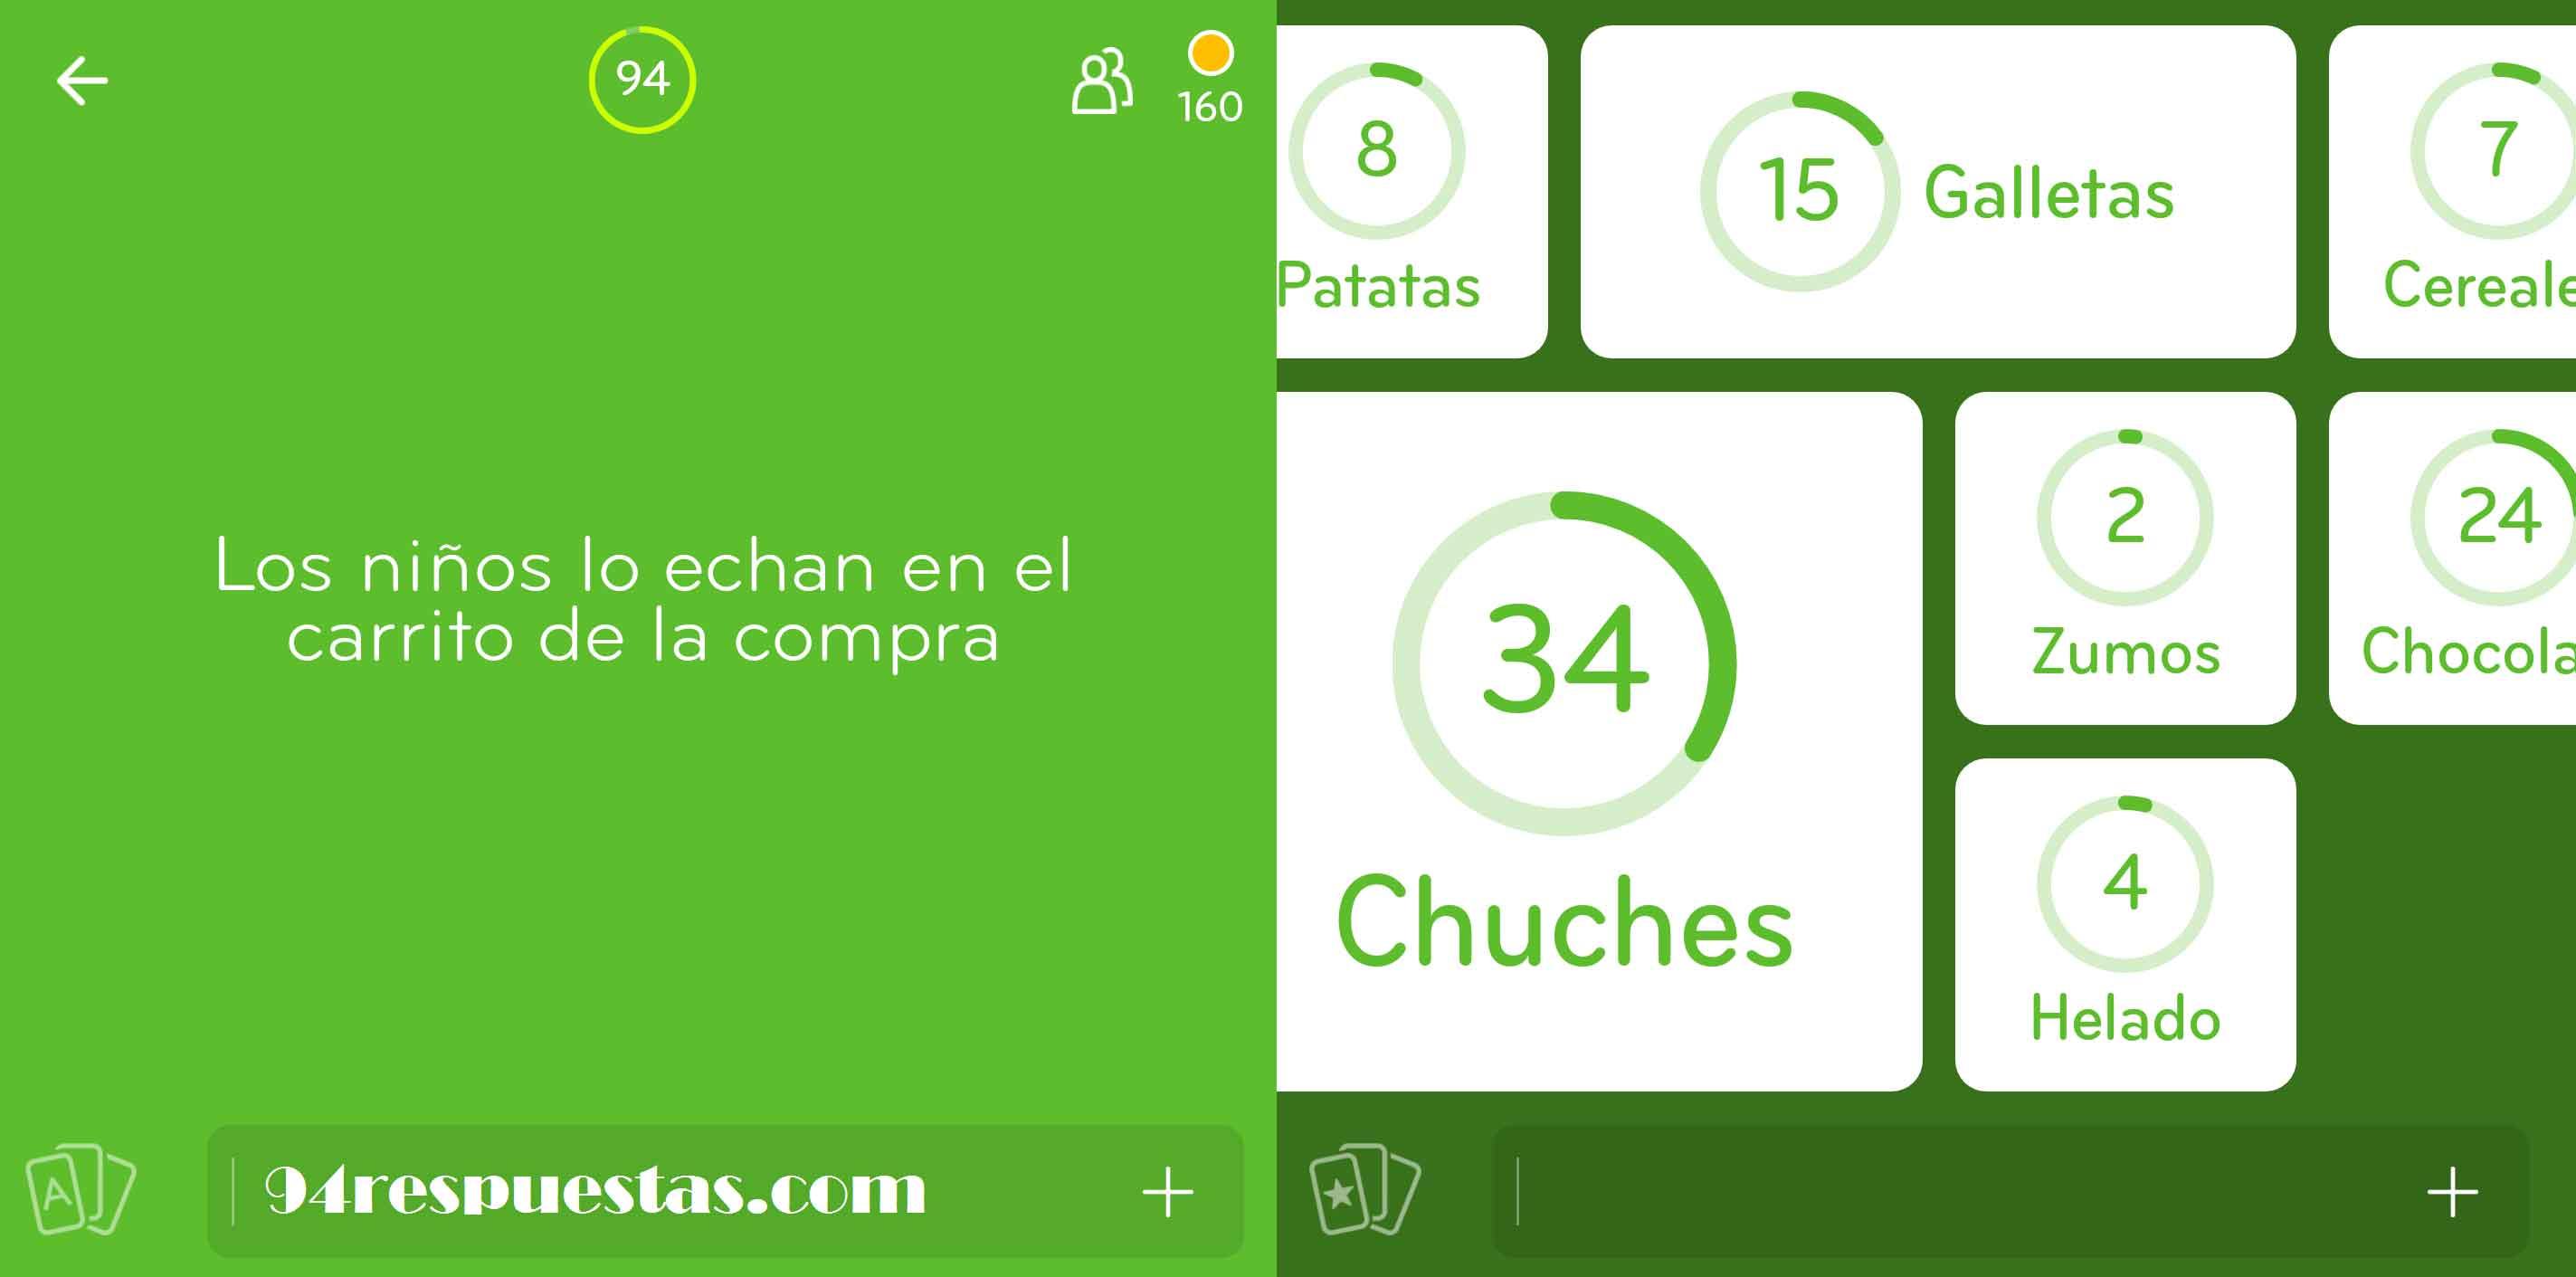 Los Niños Lo Echan En El Carrito De La Compra 94 Por Ciento 94